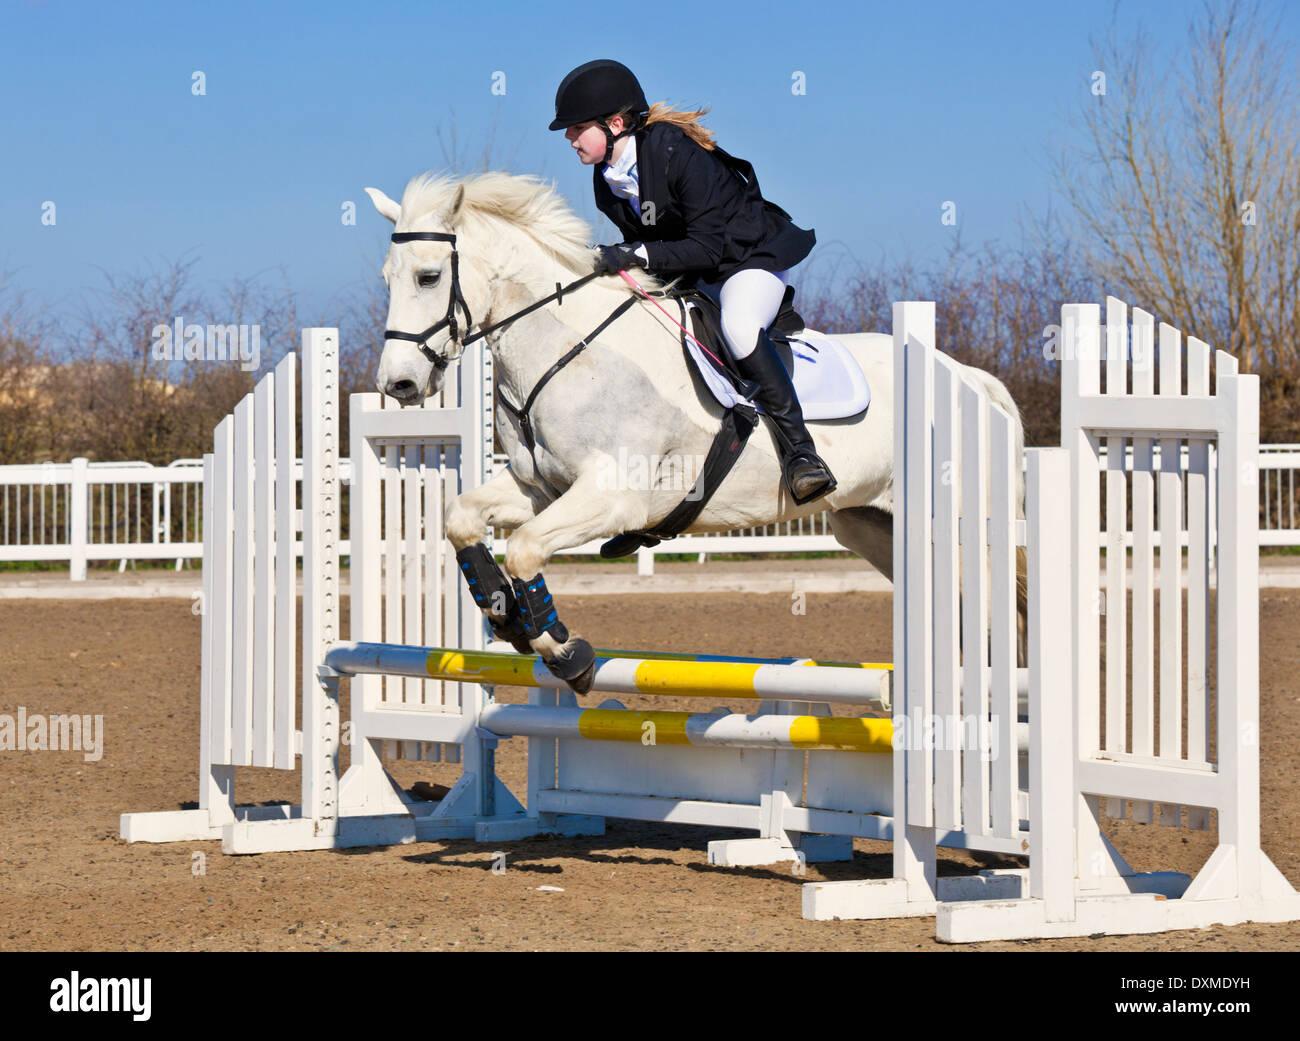 Jeune fille sautant un Cheval poney blanc sur un saut à un événement de saut Photo Stock